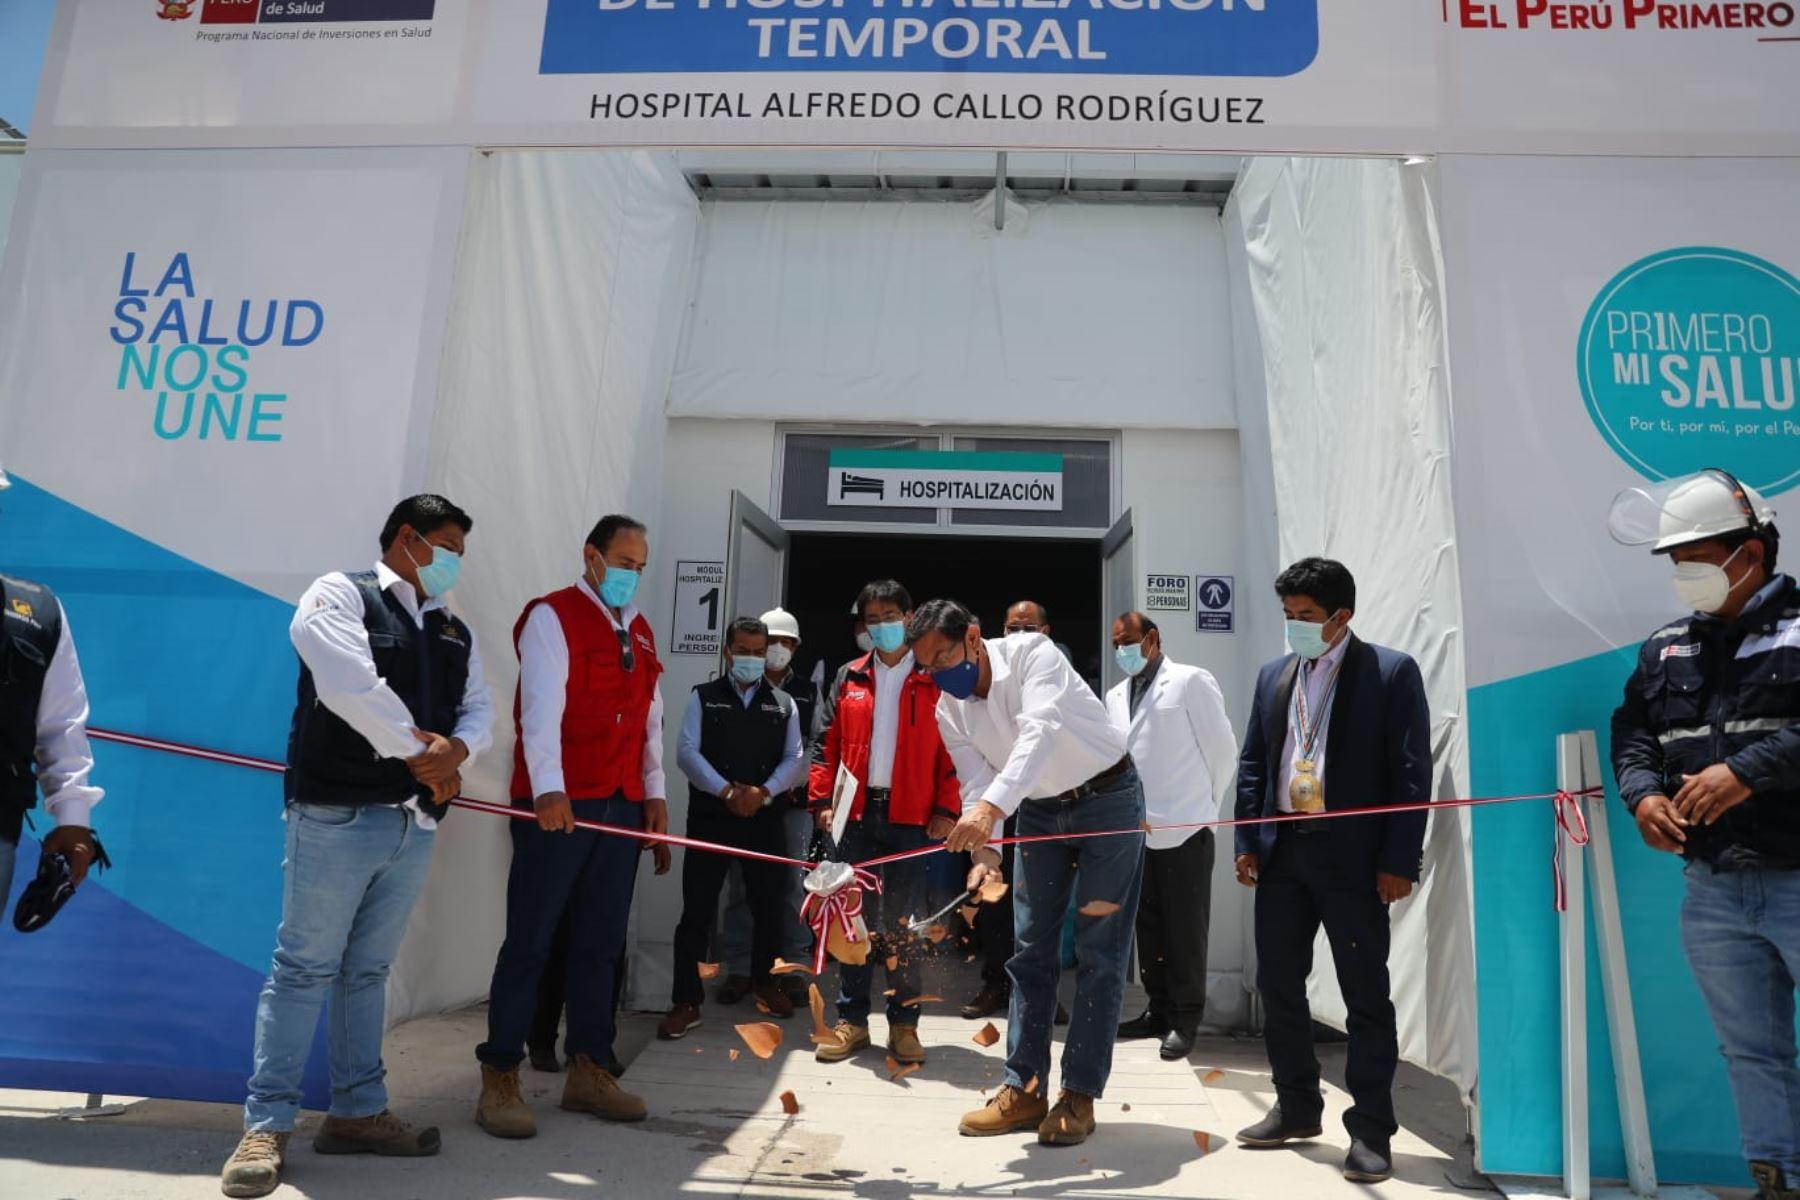 El presidente de la República, Martín Vizcarra, pone en funcionamiento el Centro de  Atención y Aislamiento Temporal, que cuenta con 50 camas de hospitalización para pacientes Covid 19 en Sicuani, Cusco. Foto: ANDINA/ Prensa Presidencia